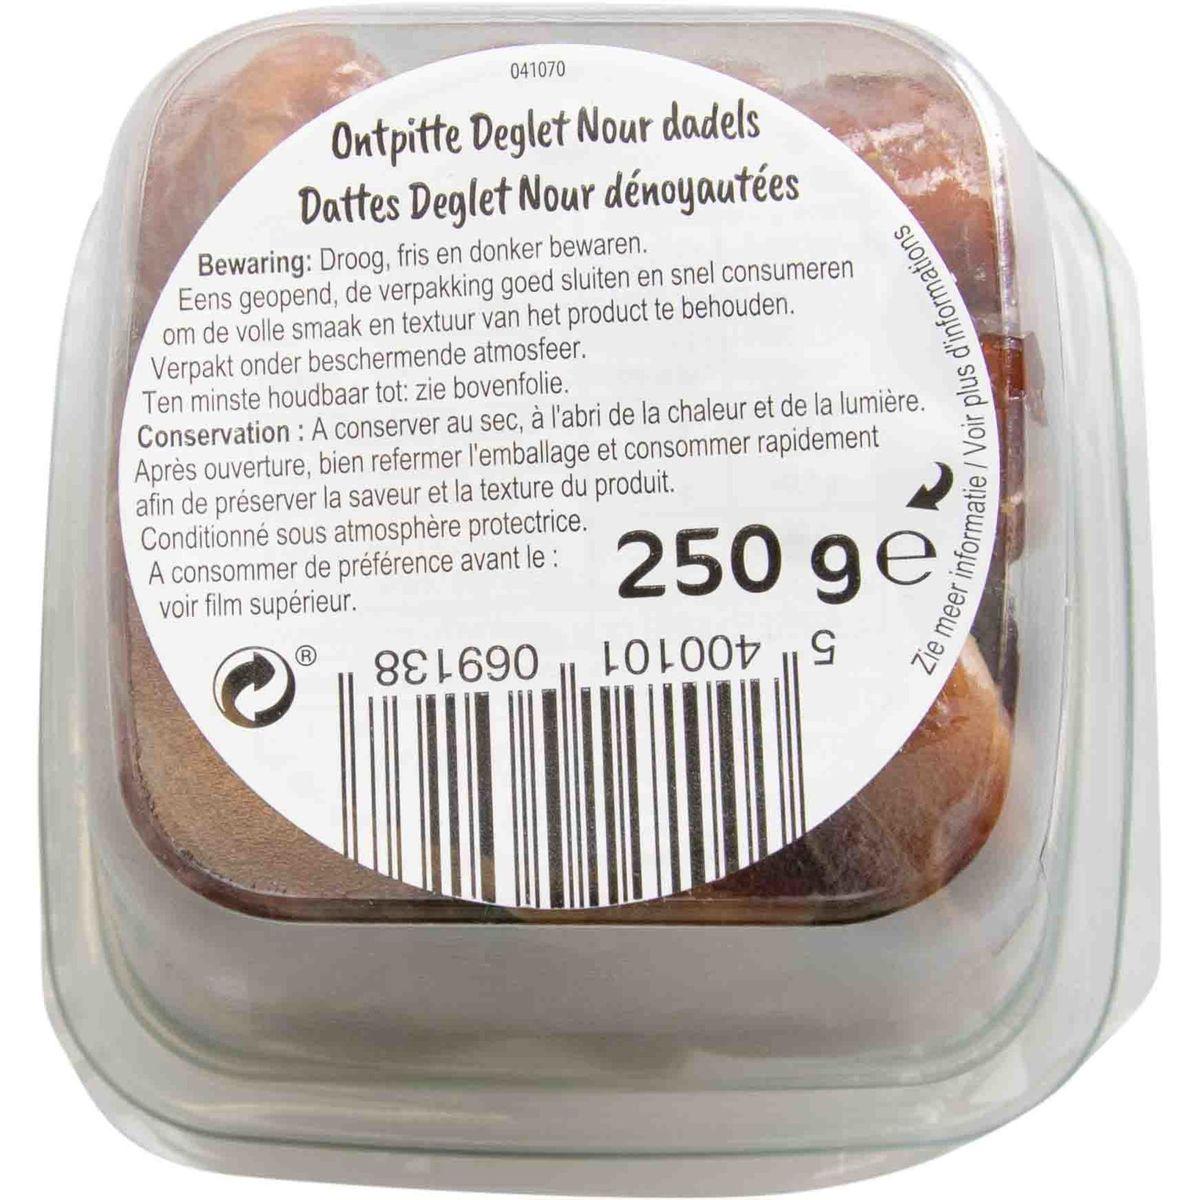 Carrefour Séché Nuts & Fruits Dattes Deglet Nour Dénoyautées 250 g